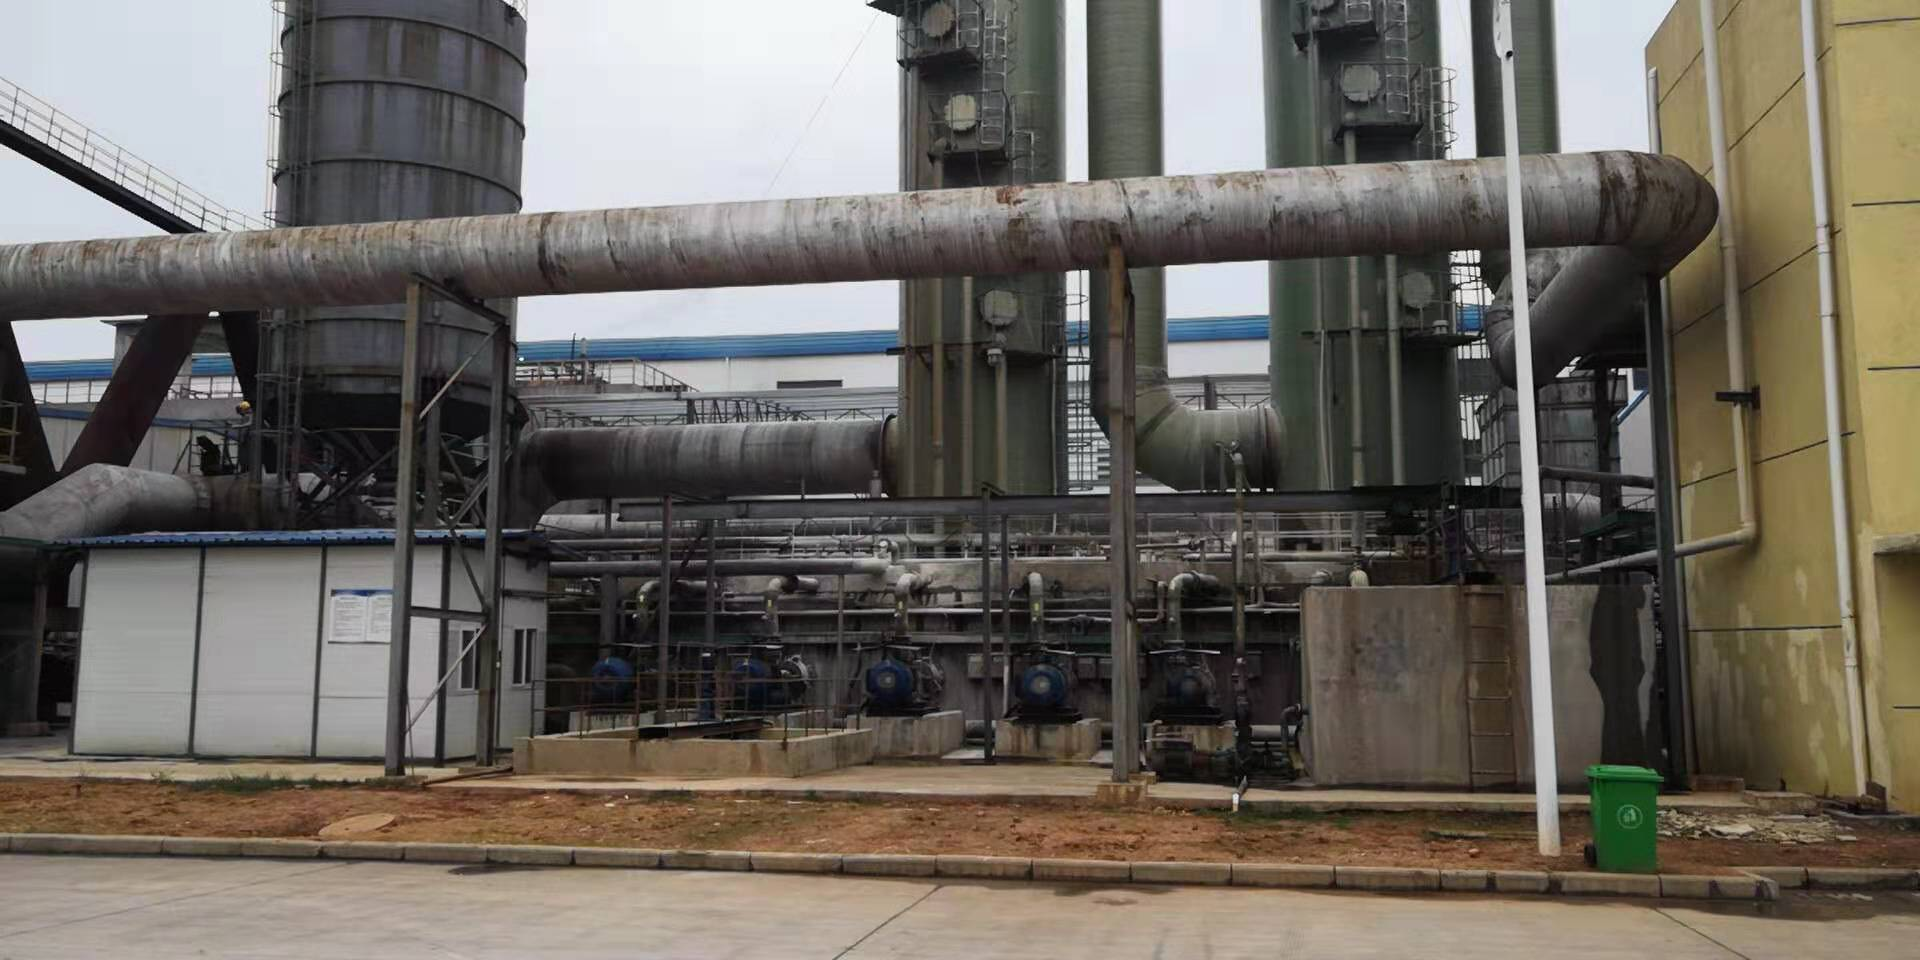 脱硫工艺脱硫泵